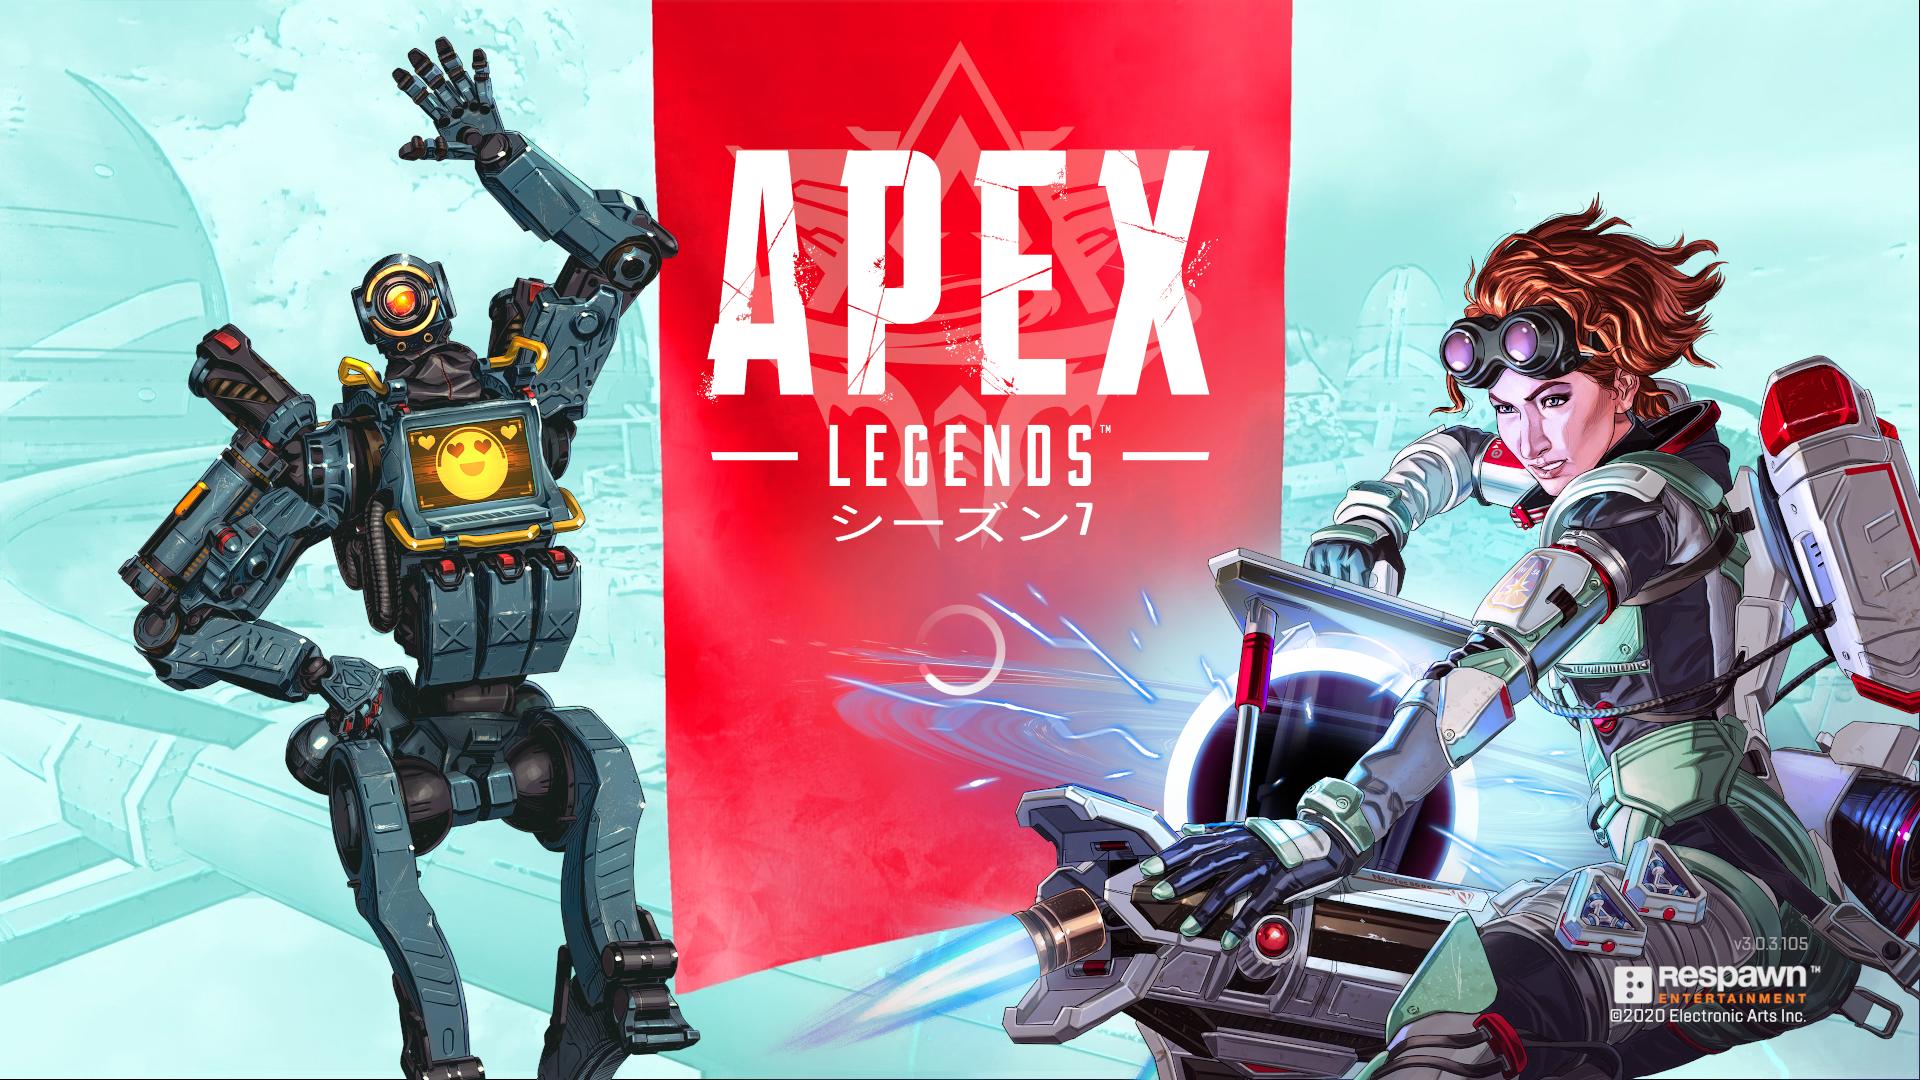 今回テストに使うのは、爽快感のあるバトルロイヤルFPS「エーペックスレジェンズ」。3人1組でチームを組み、様々なキャラクターの固有スキルを駆使し戦うゲームだ。